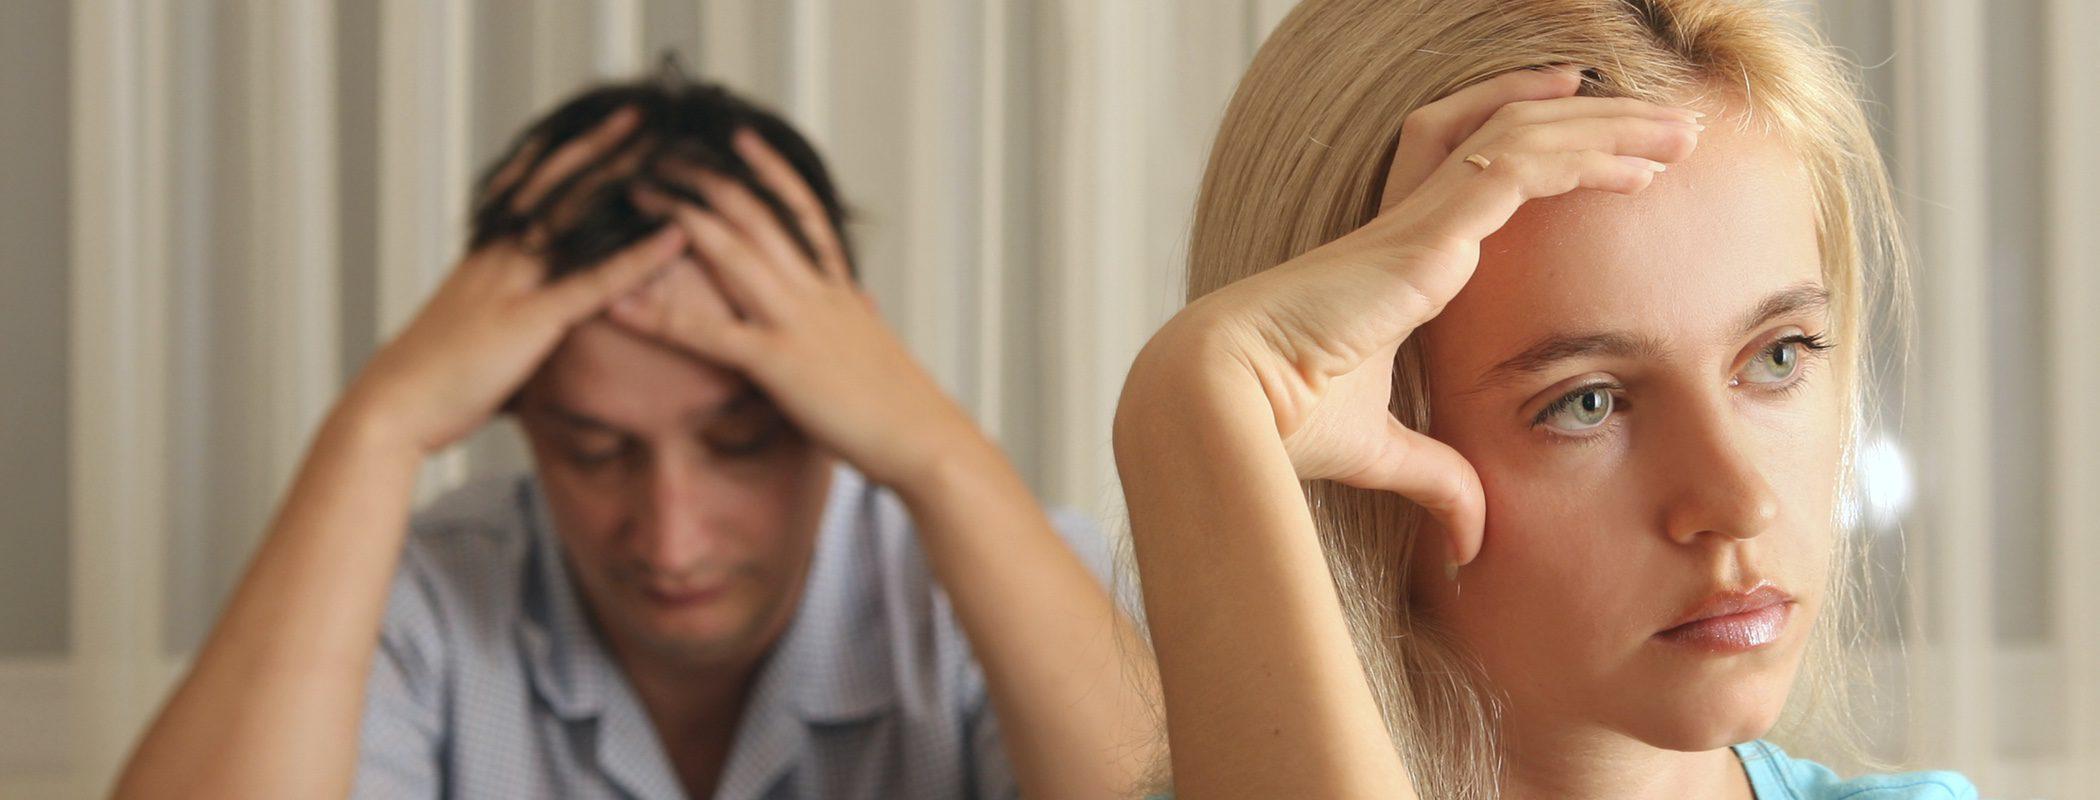 Claves del 'divorcio express' en España